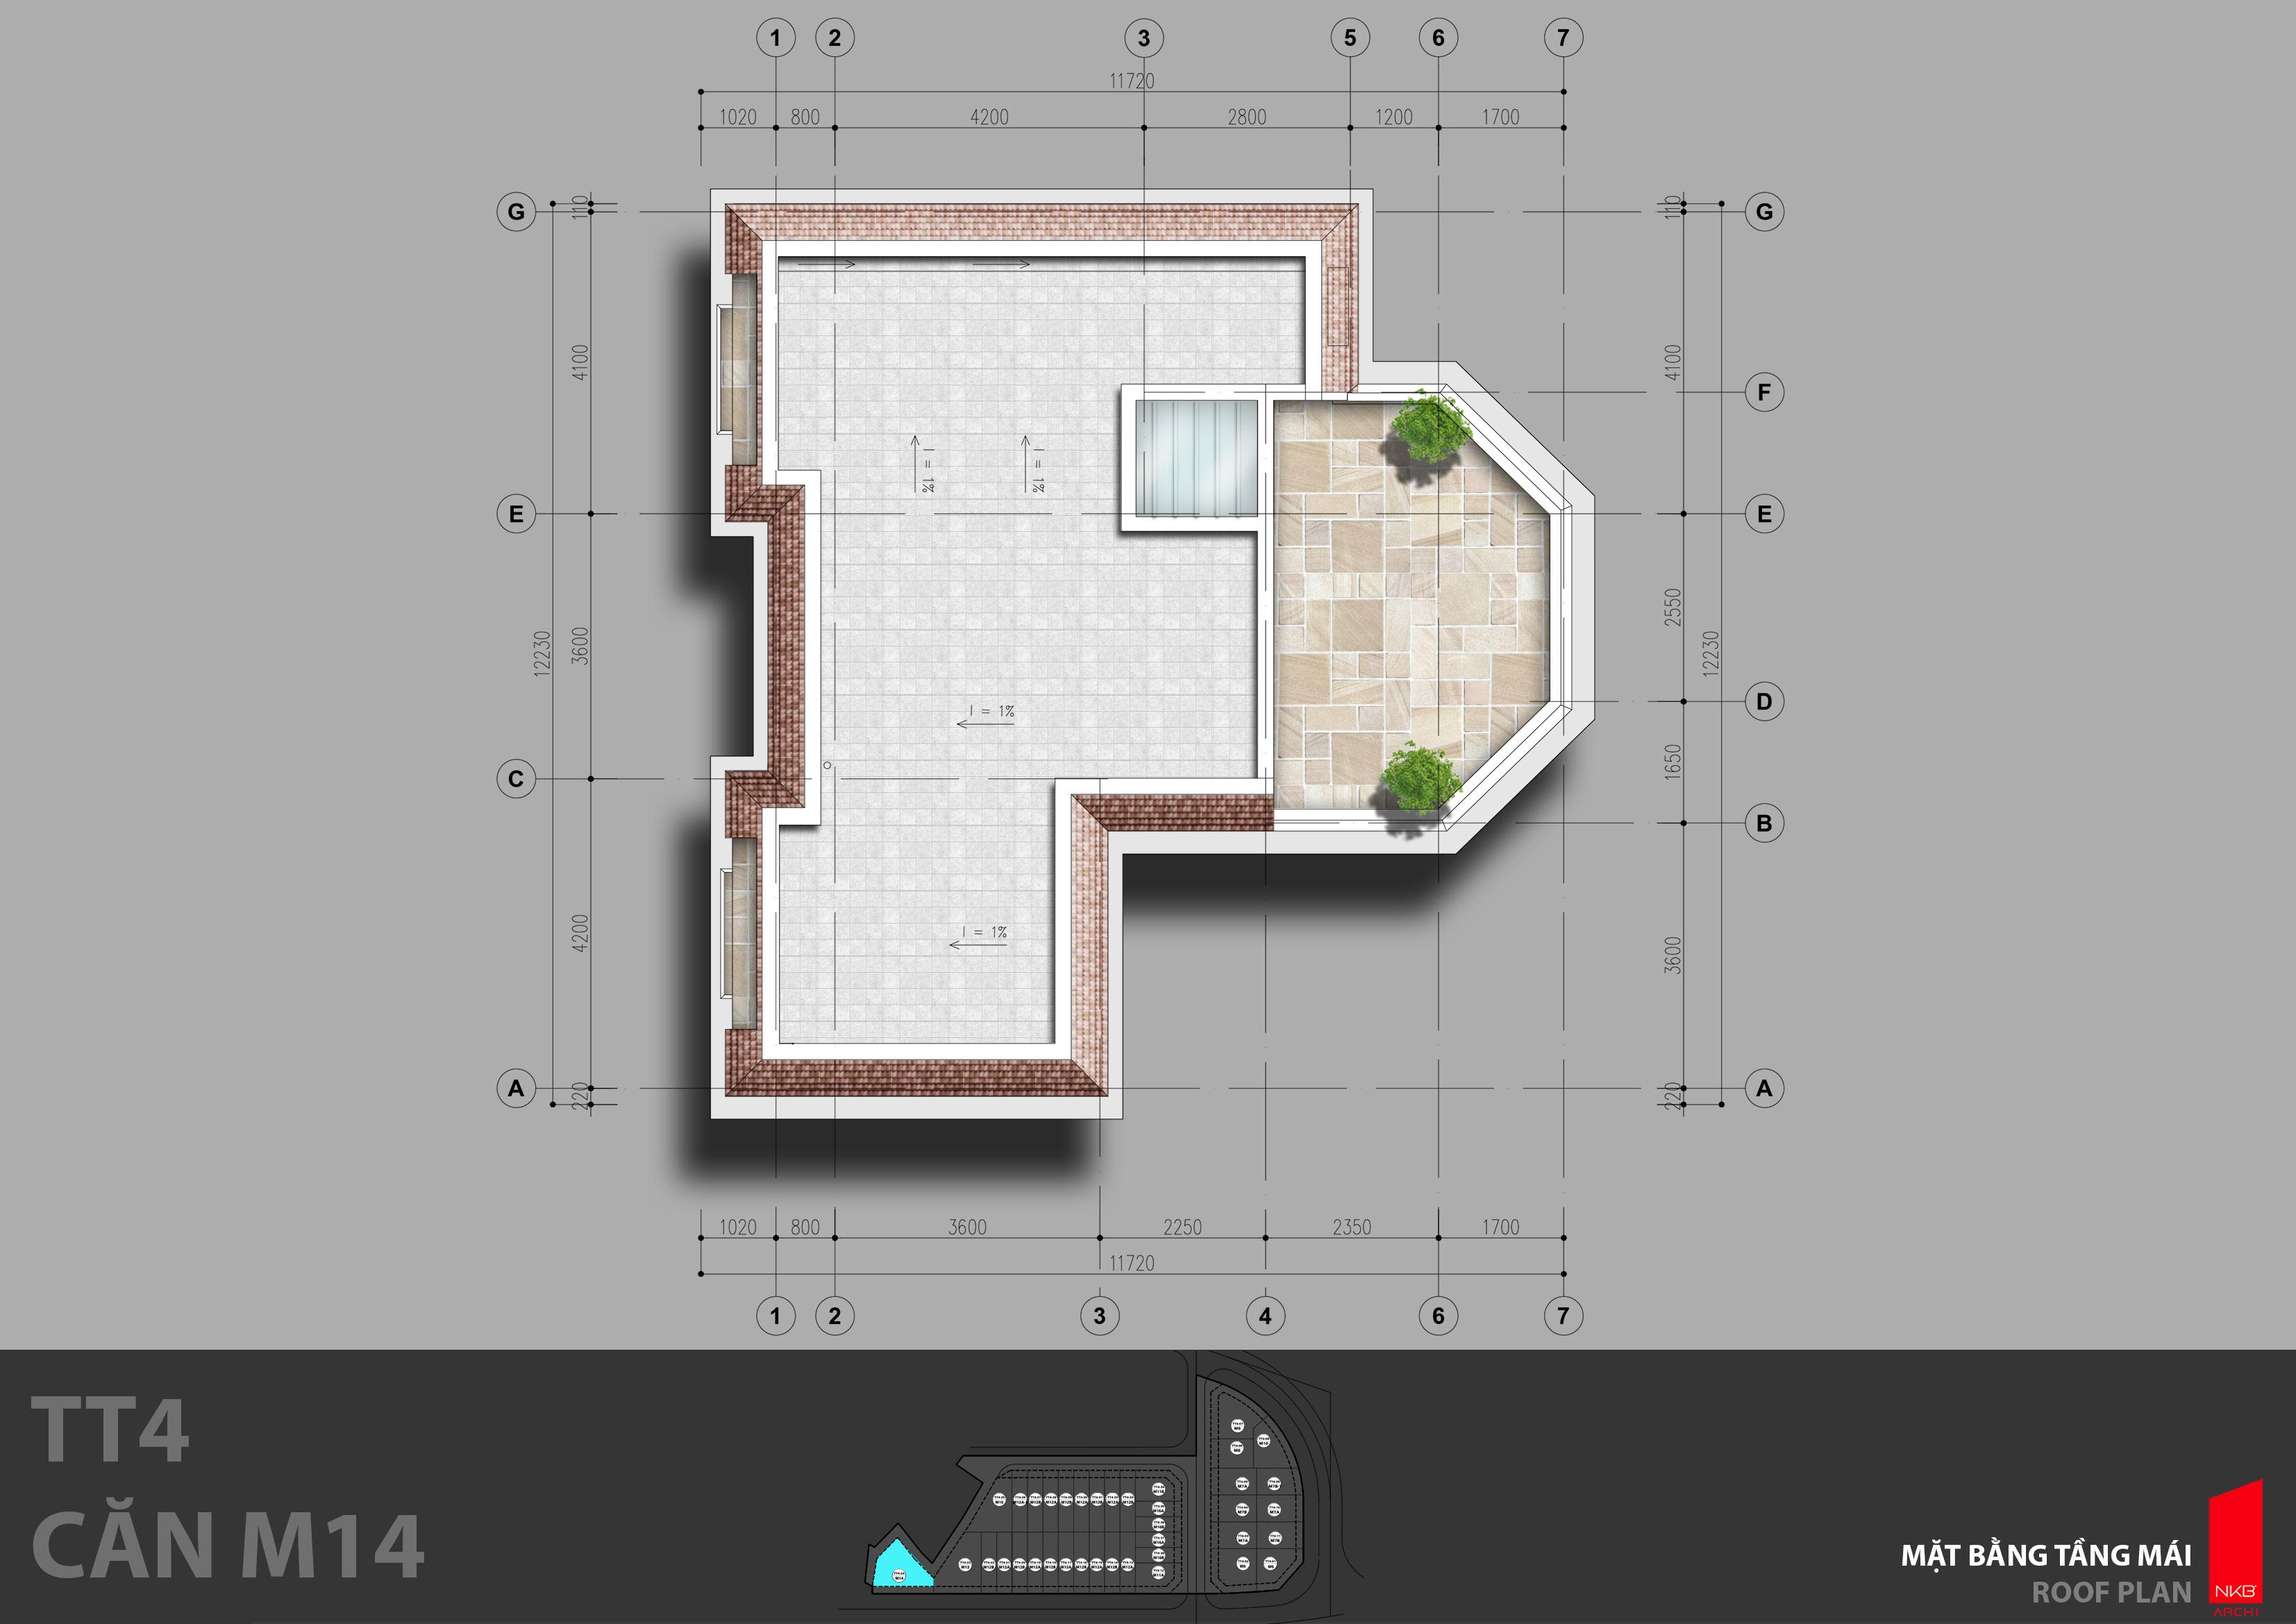 thiết kế biệt thự đơn lập athena fulland tt4